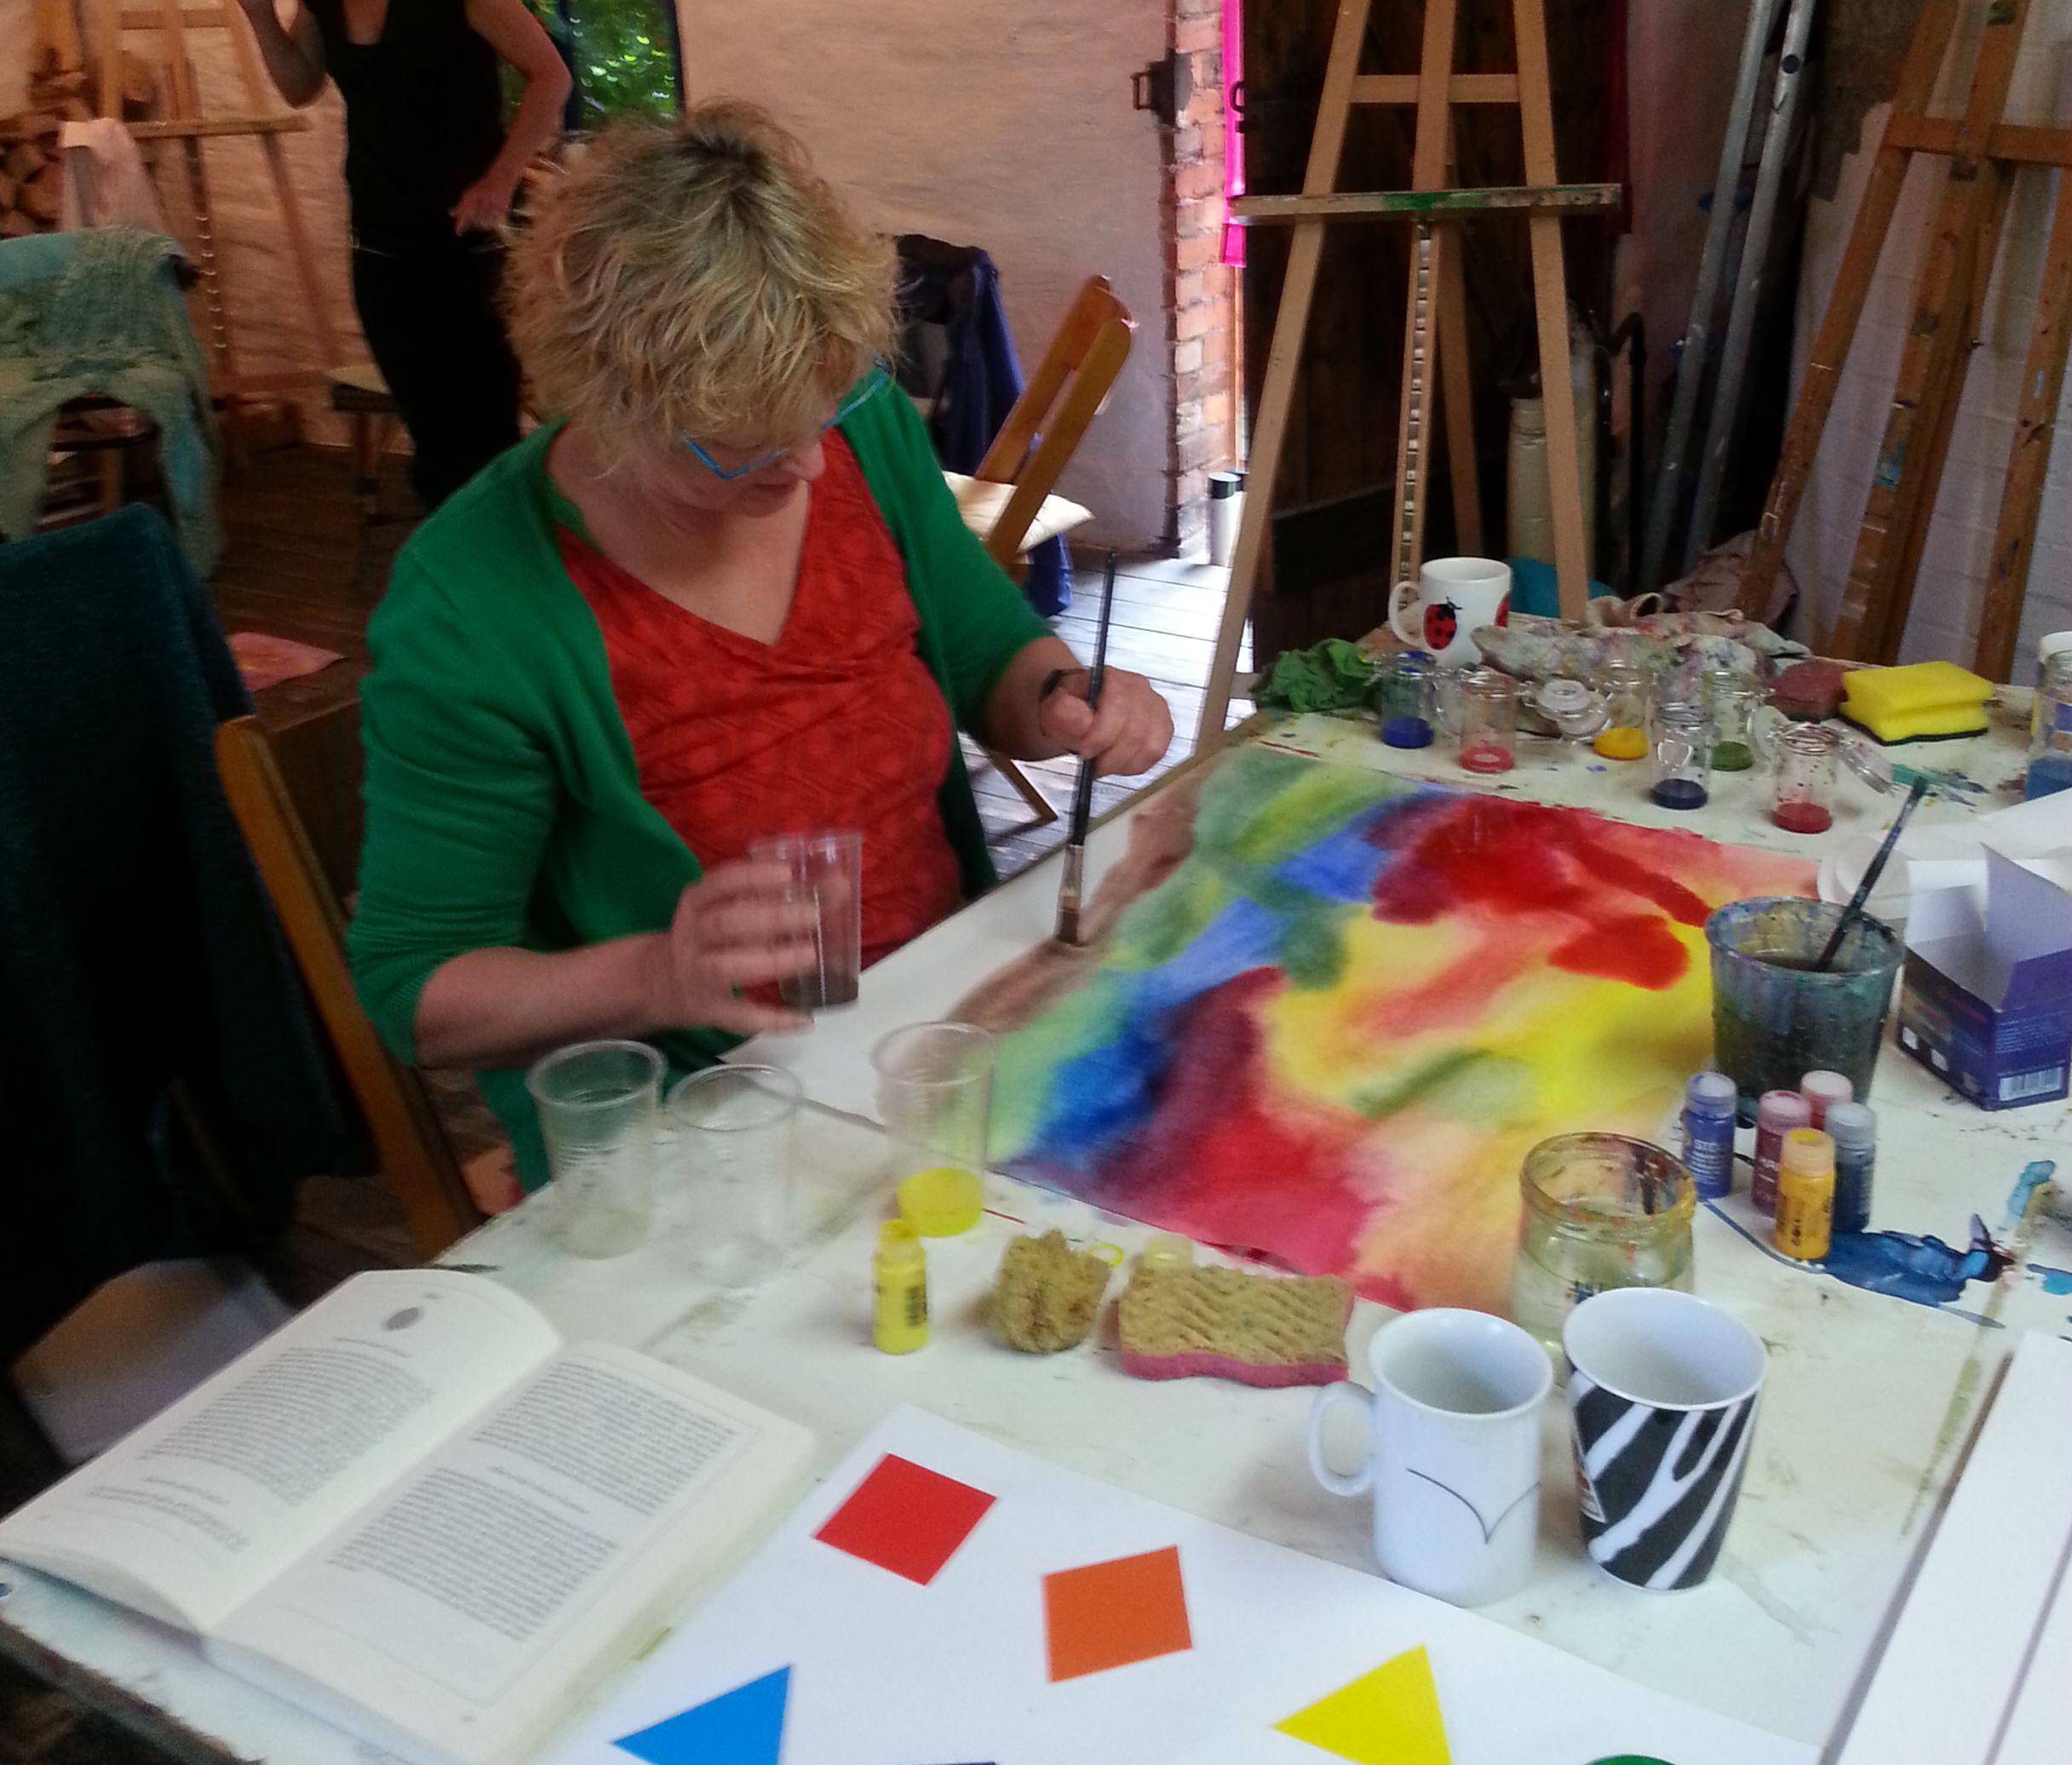 Freude an Farben, Formen und gestaltenden Prozessen. Foto: Grit Wuttke